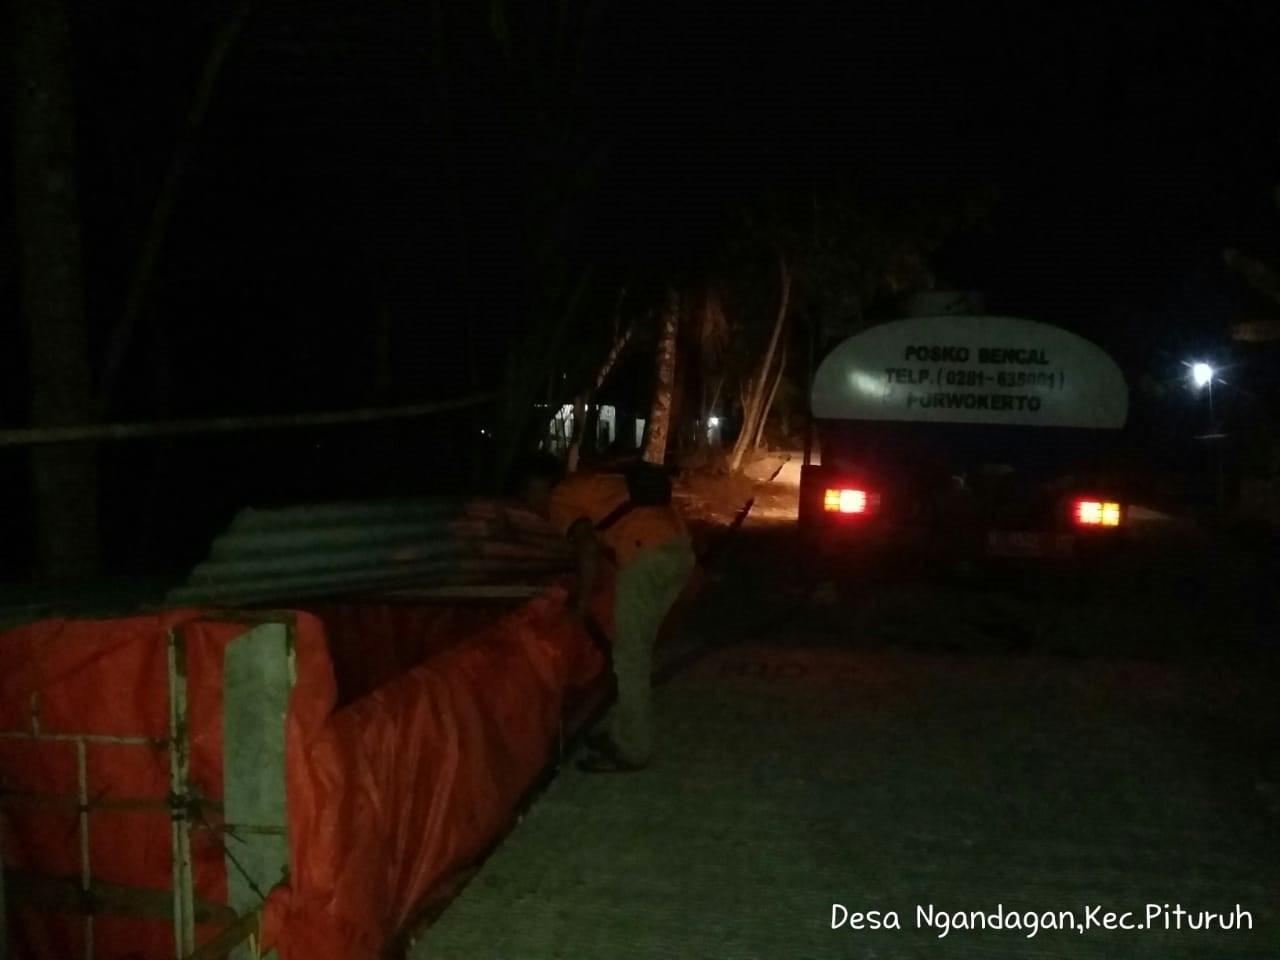 DISTRIBUSI BANTUAN AIR BERSIH HARI KE-85 DI DESA NGANDAGAN